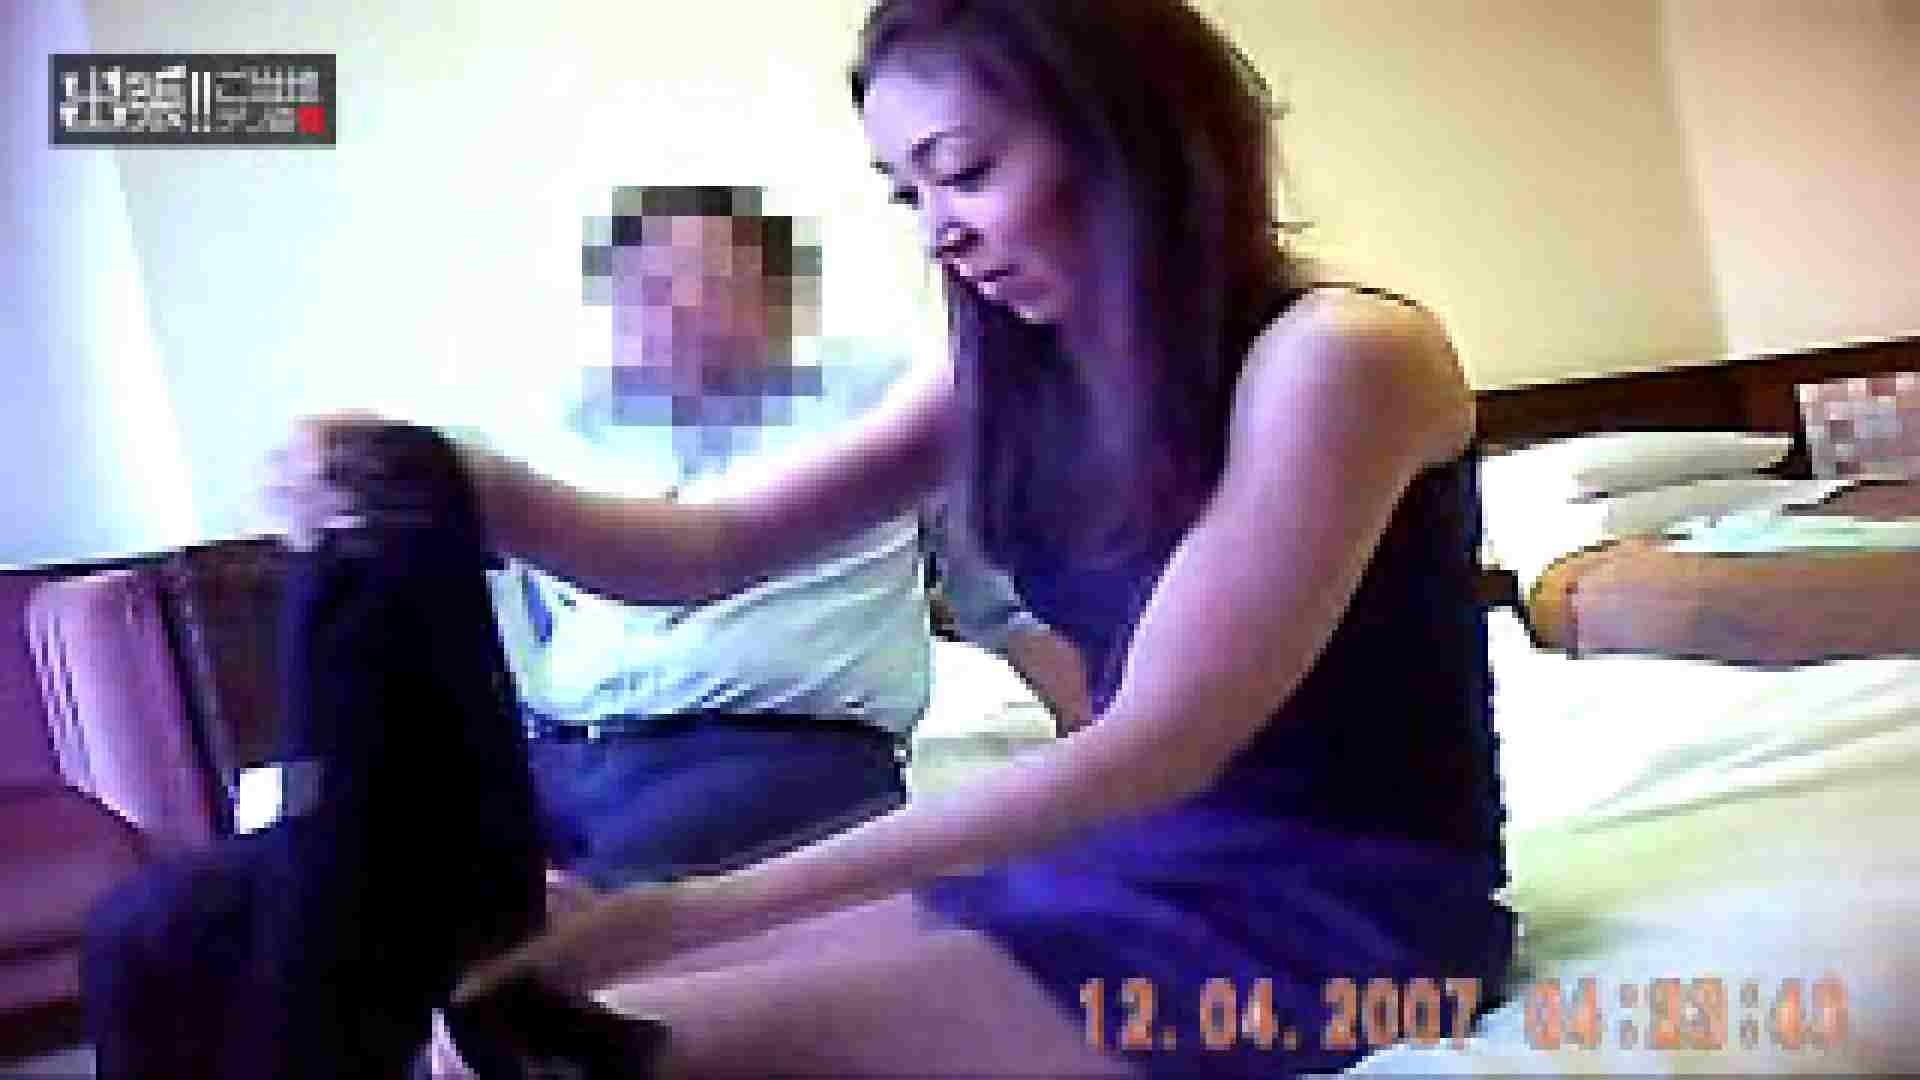 出張リーマンのデリ嬢隠し撮り第2弾vol.3 投稿 隠し撮りオマンコ動画紹介 105pic 52